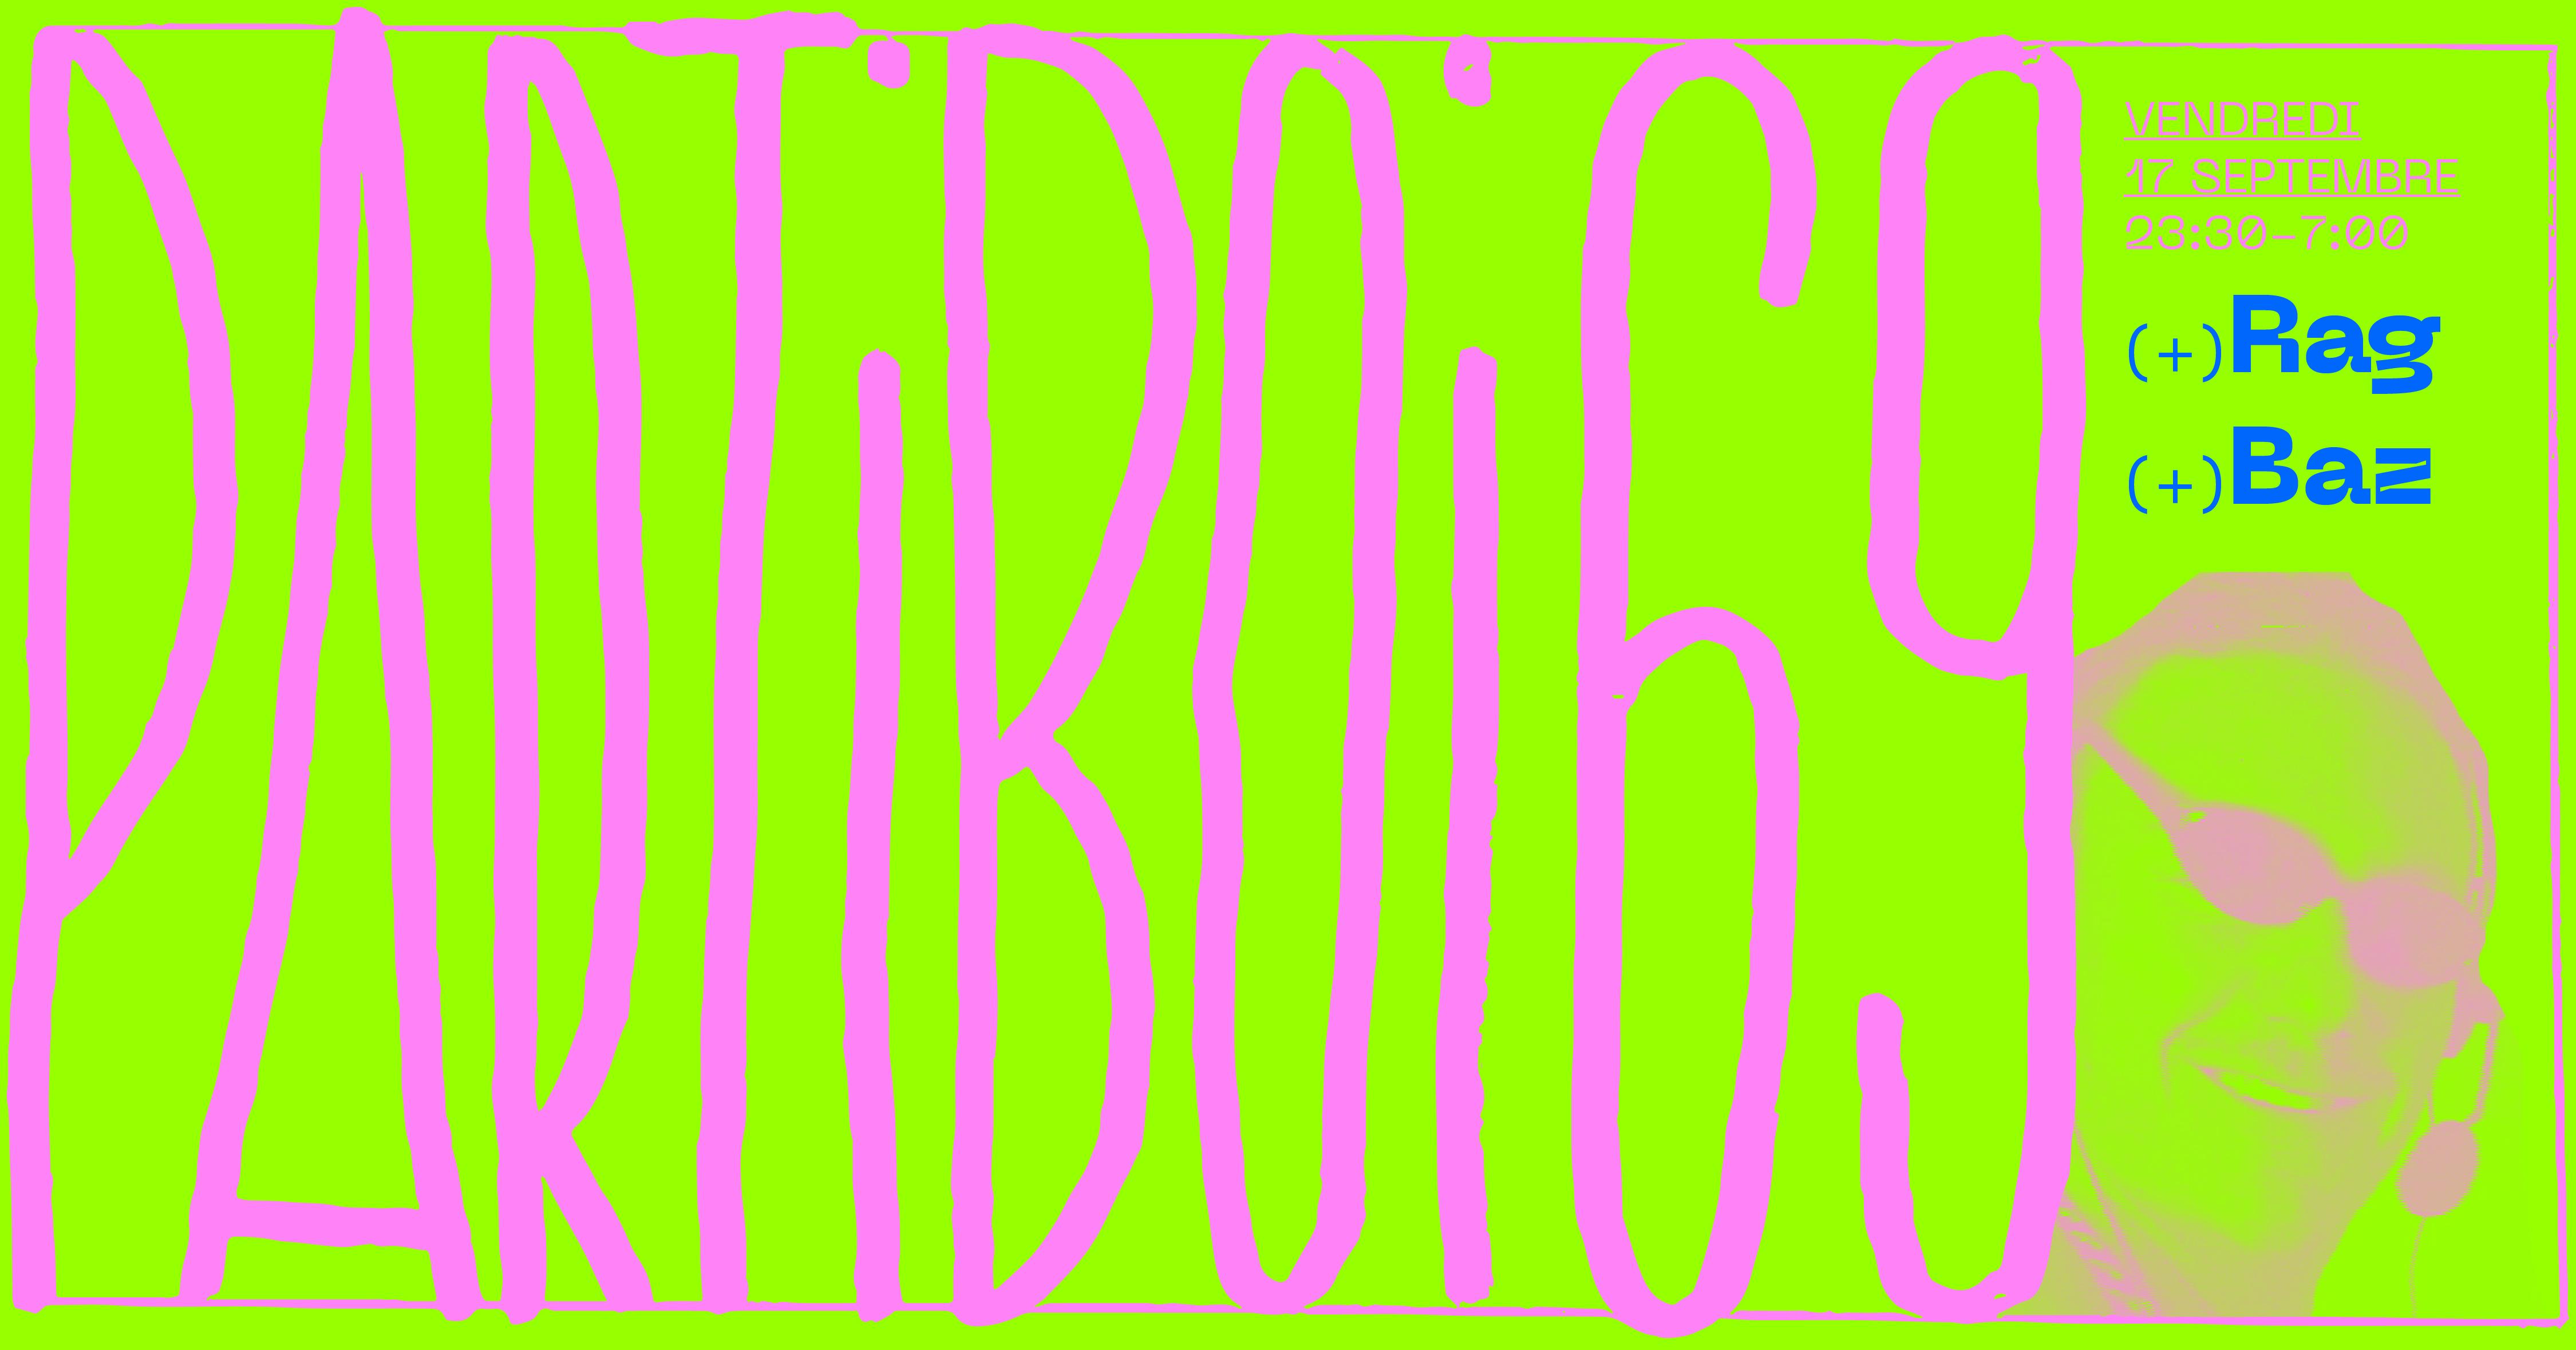 Badaboum Club : PARTIBOI69, RAG, Baz